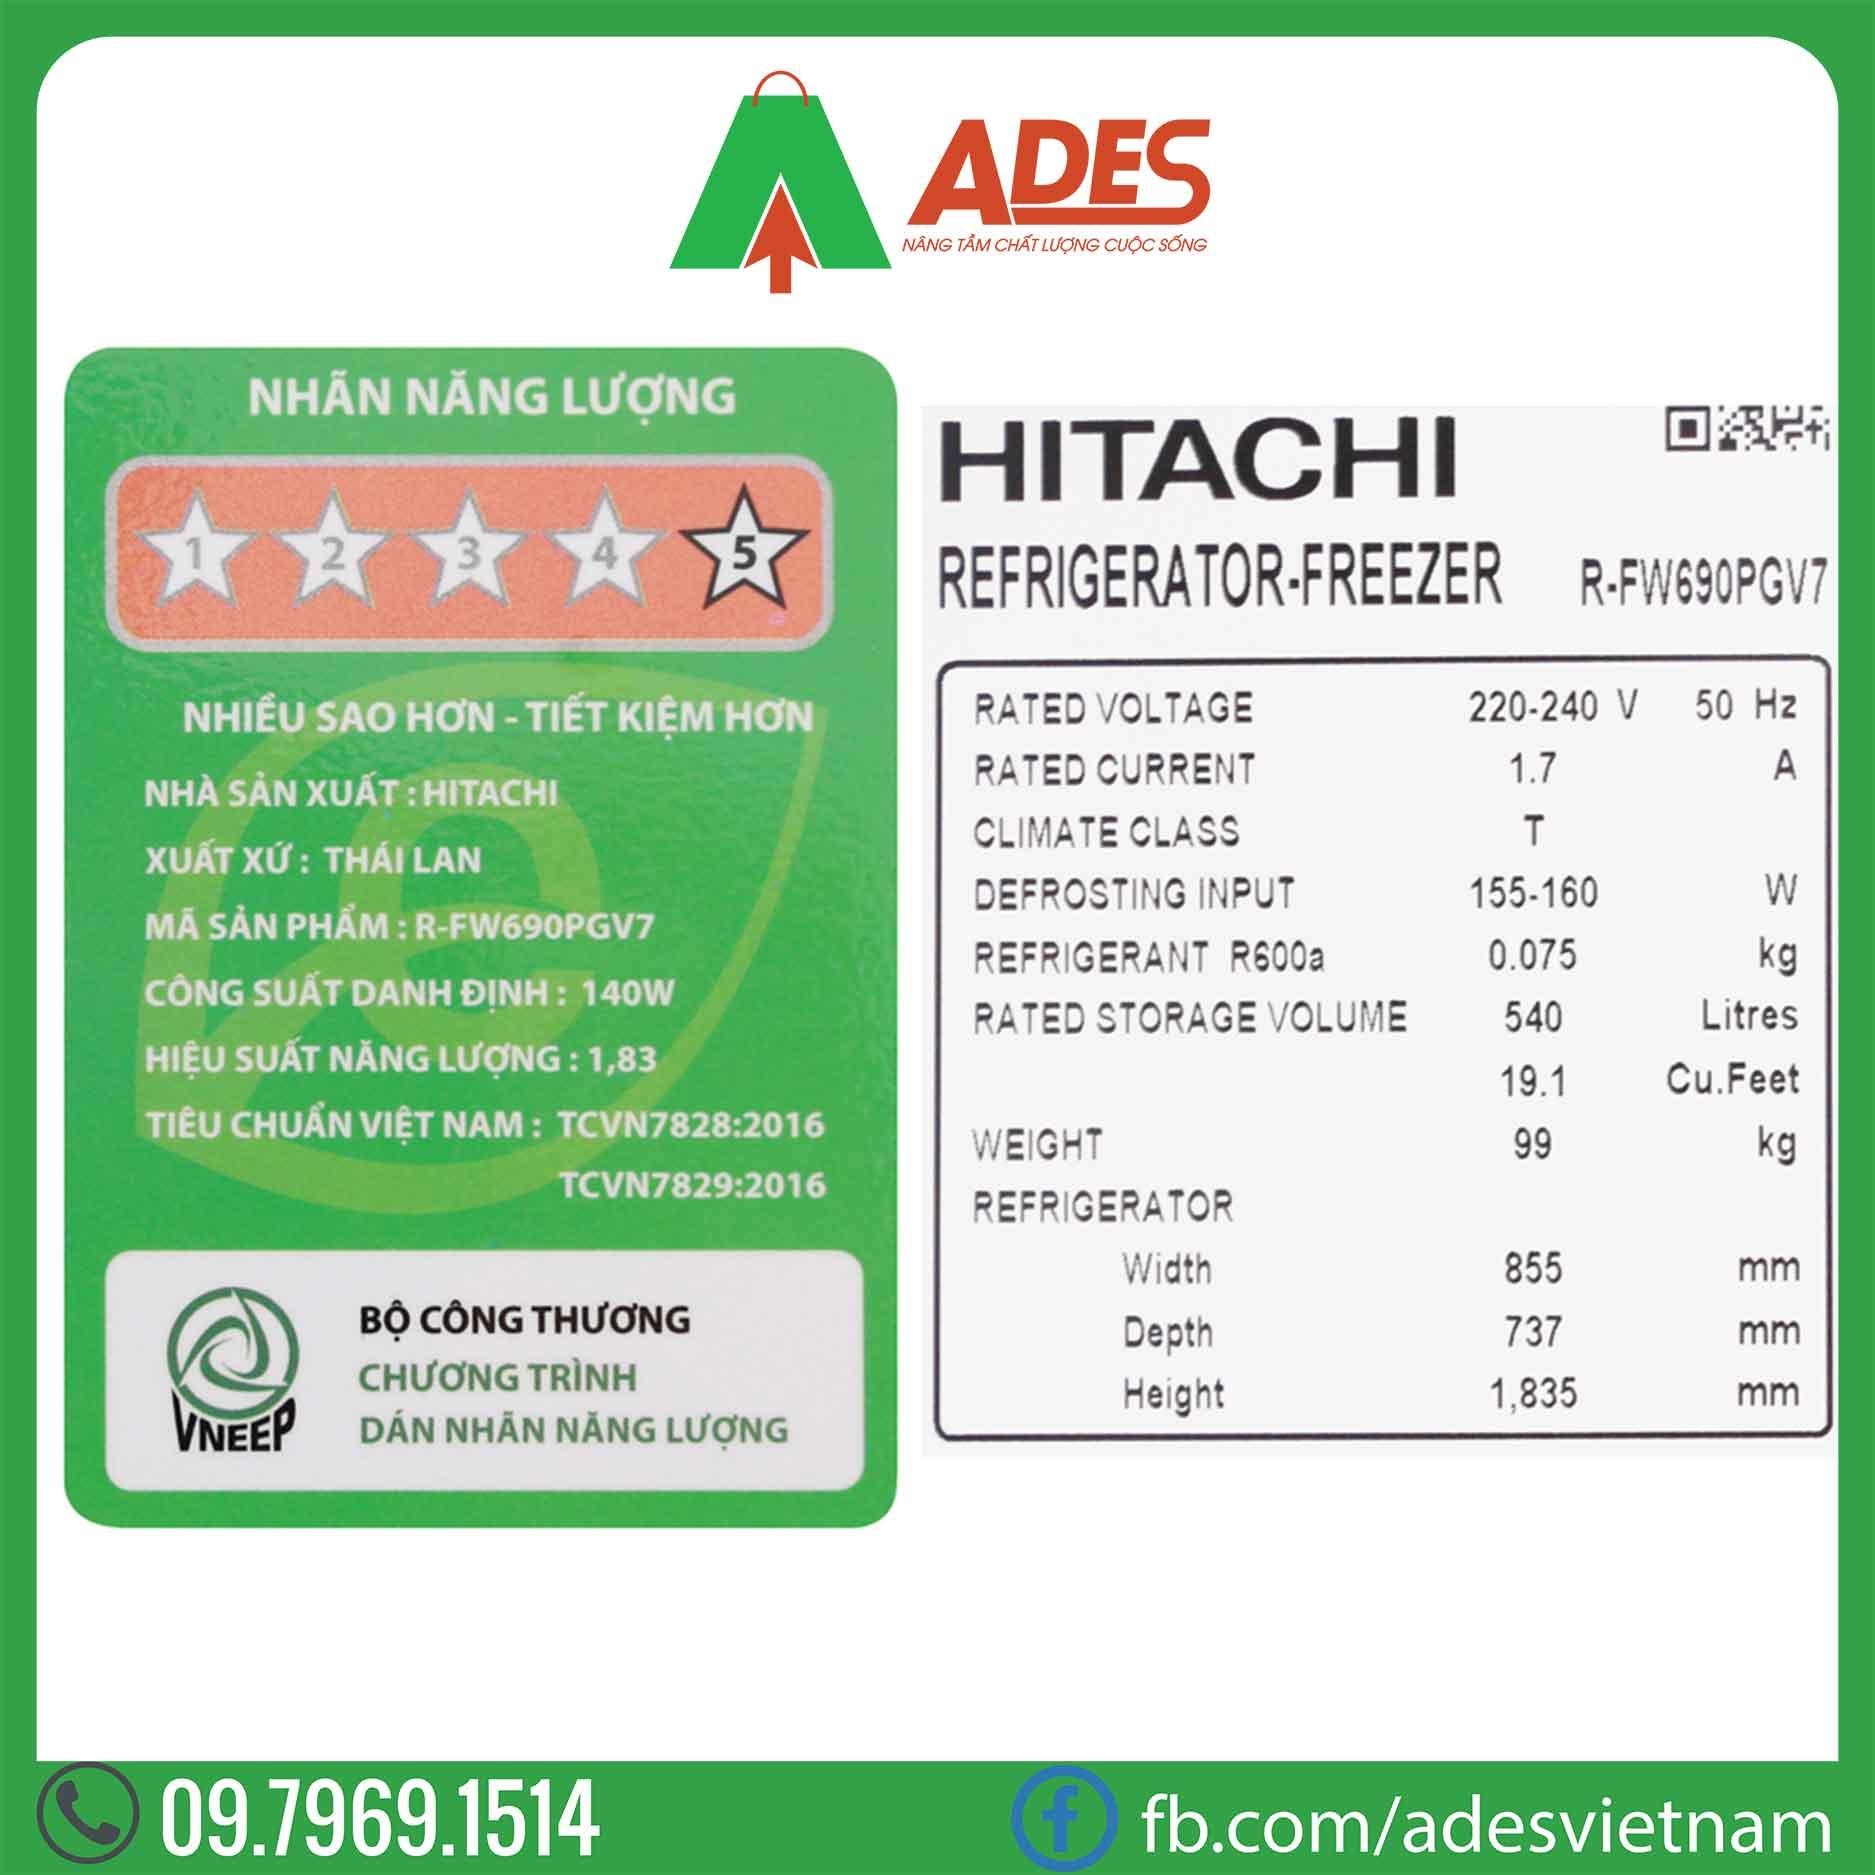 Tu lanh Hitachi Inverter FW690PGV7